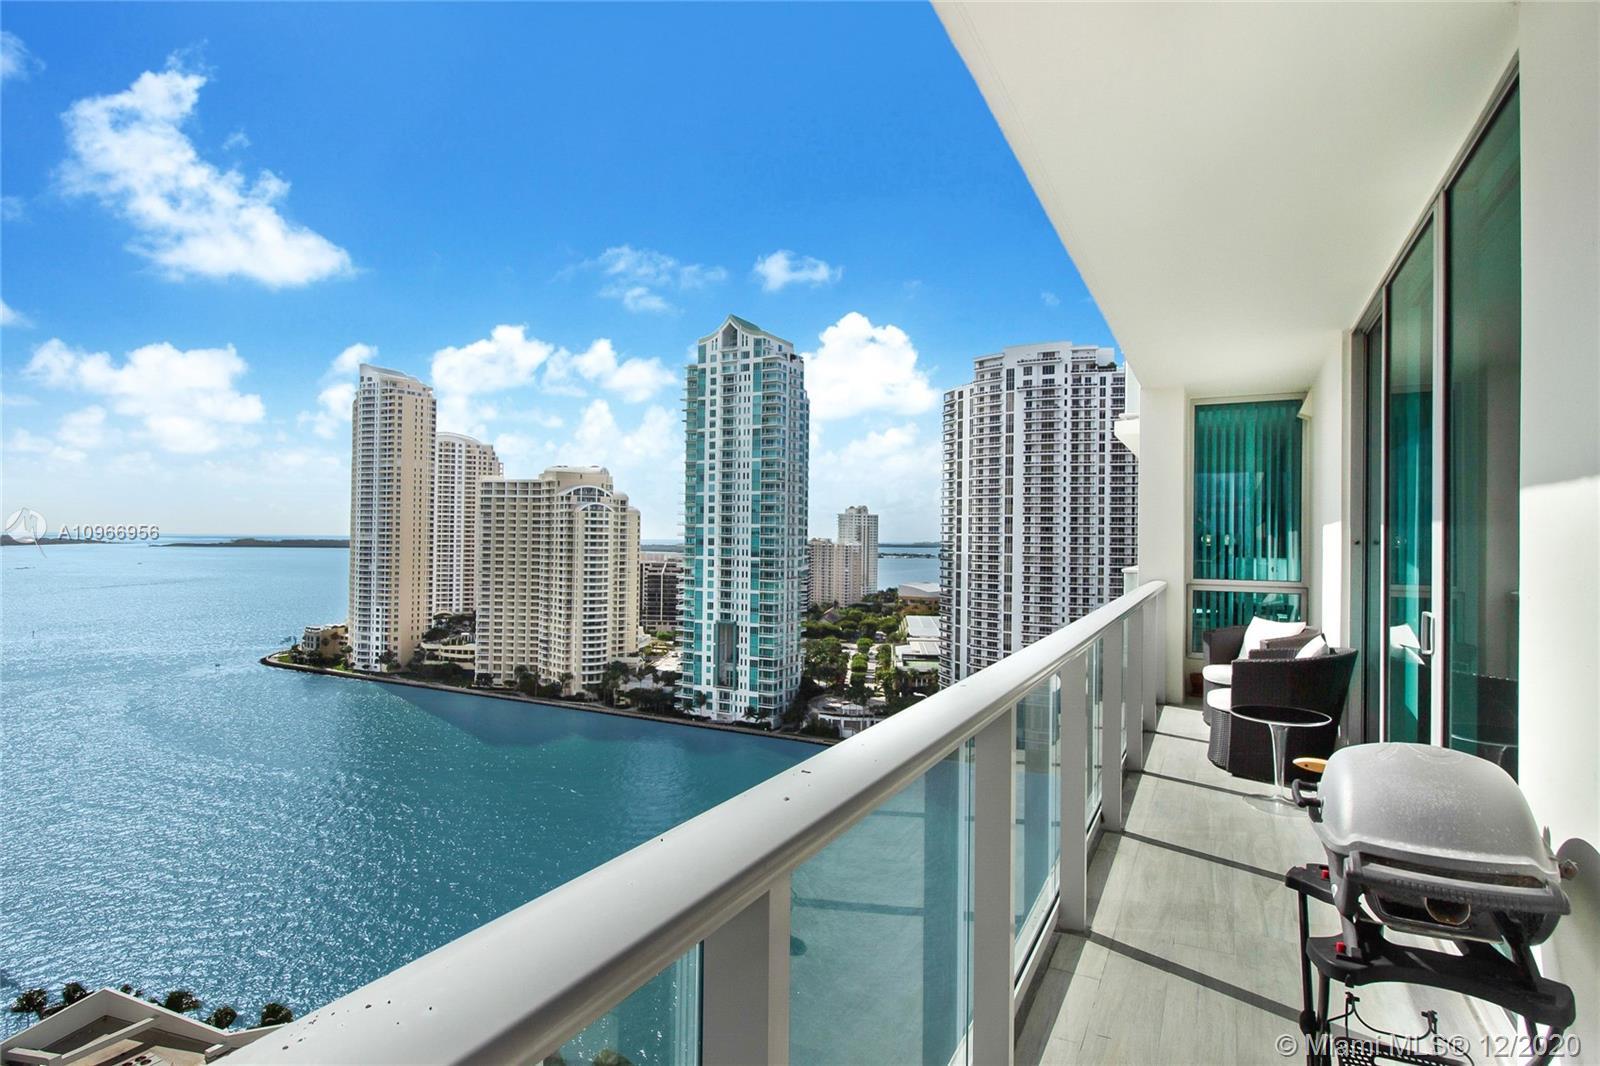 Met 1 #T1916 - 300 S Biscayne Blvd #T1916, Miami, FL 33131